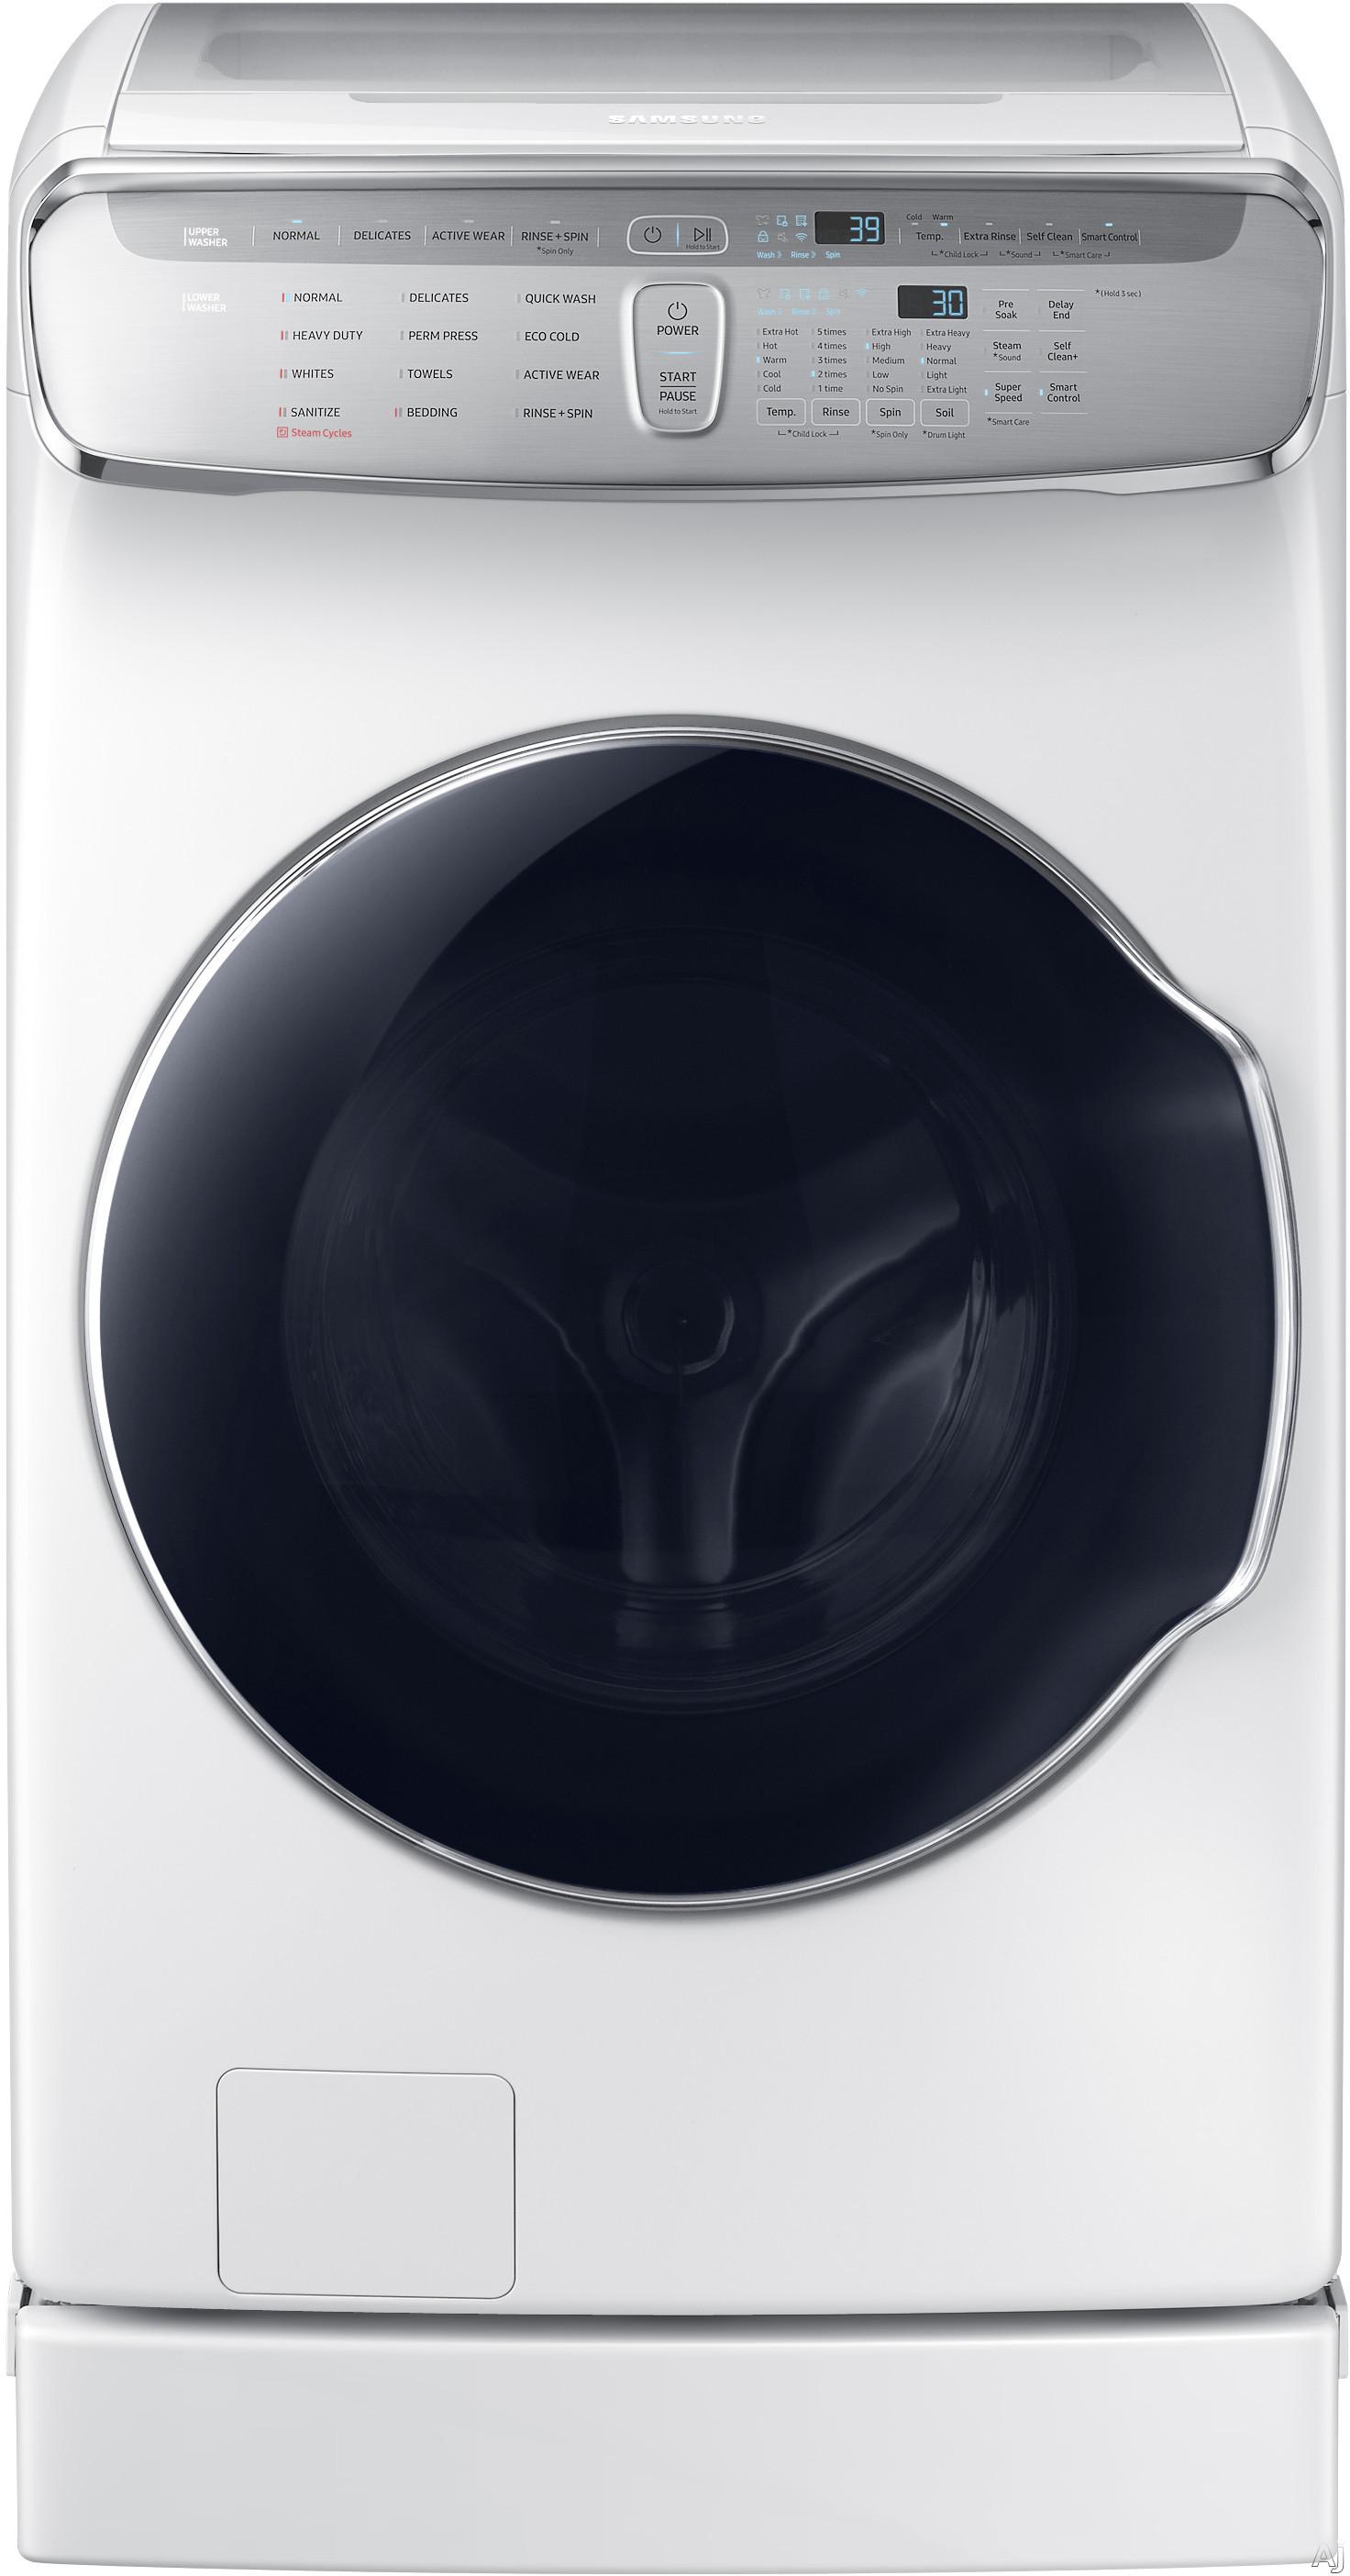 Samsung - FlexWash™ 6.0 Cu. Ft. Washer with Steam - White WV60M9900AW